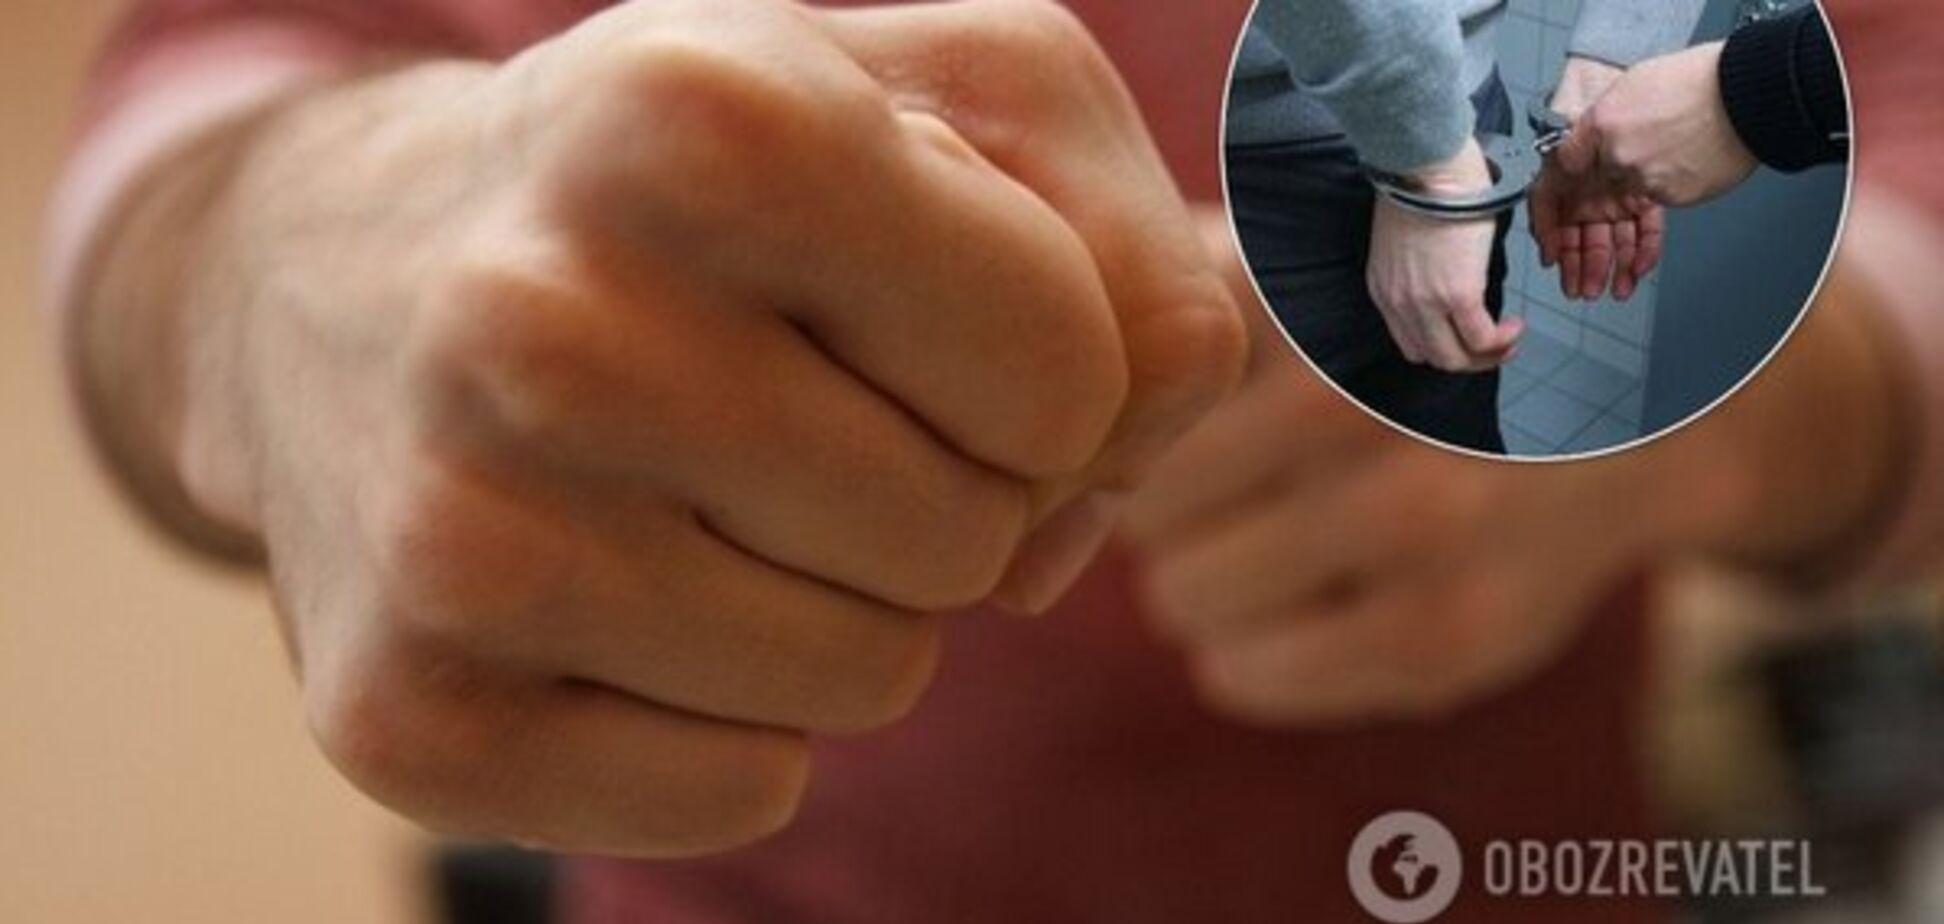 На Одещині чоловік забив до смерті знайомого і викинув тіло (ілюстрація)